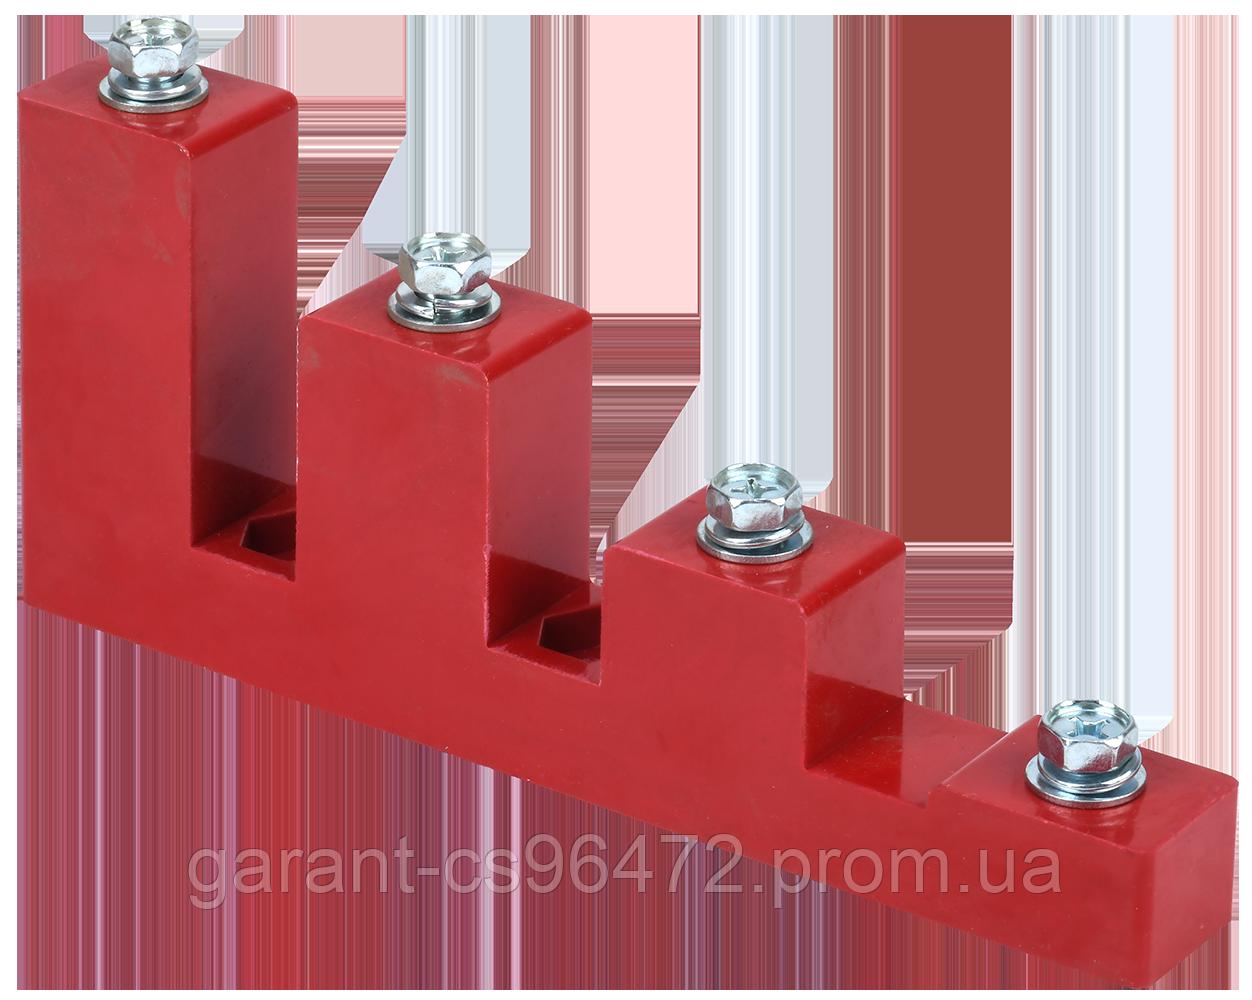 Ізолятор ступінчатий ИСв4-40 М10 силовий з болтом IEK